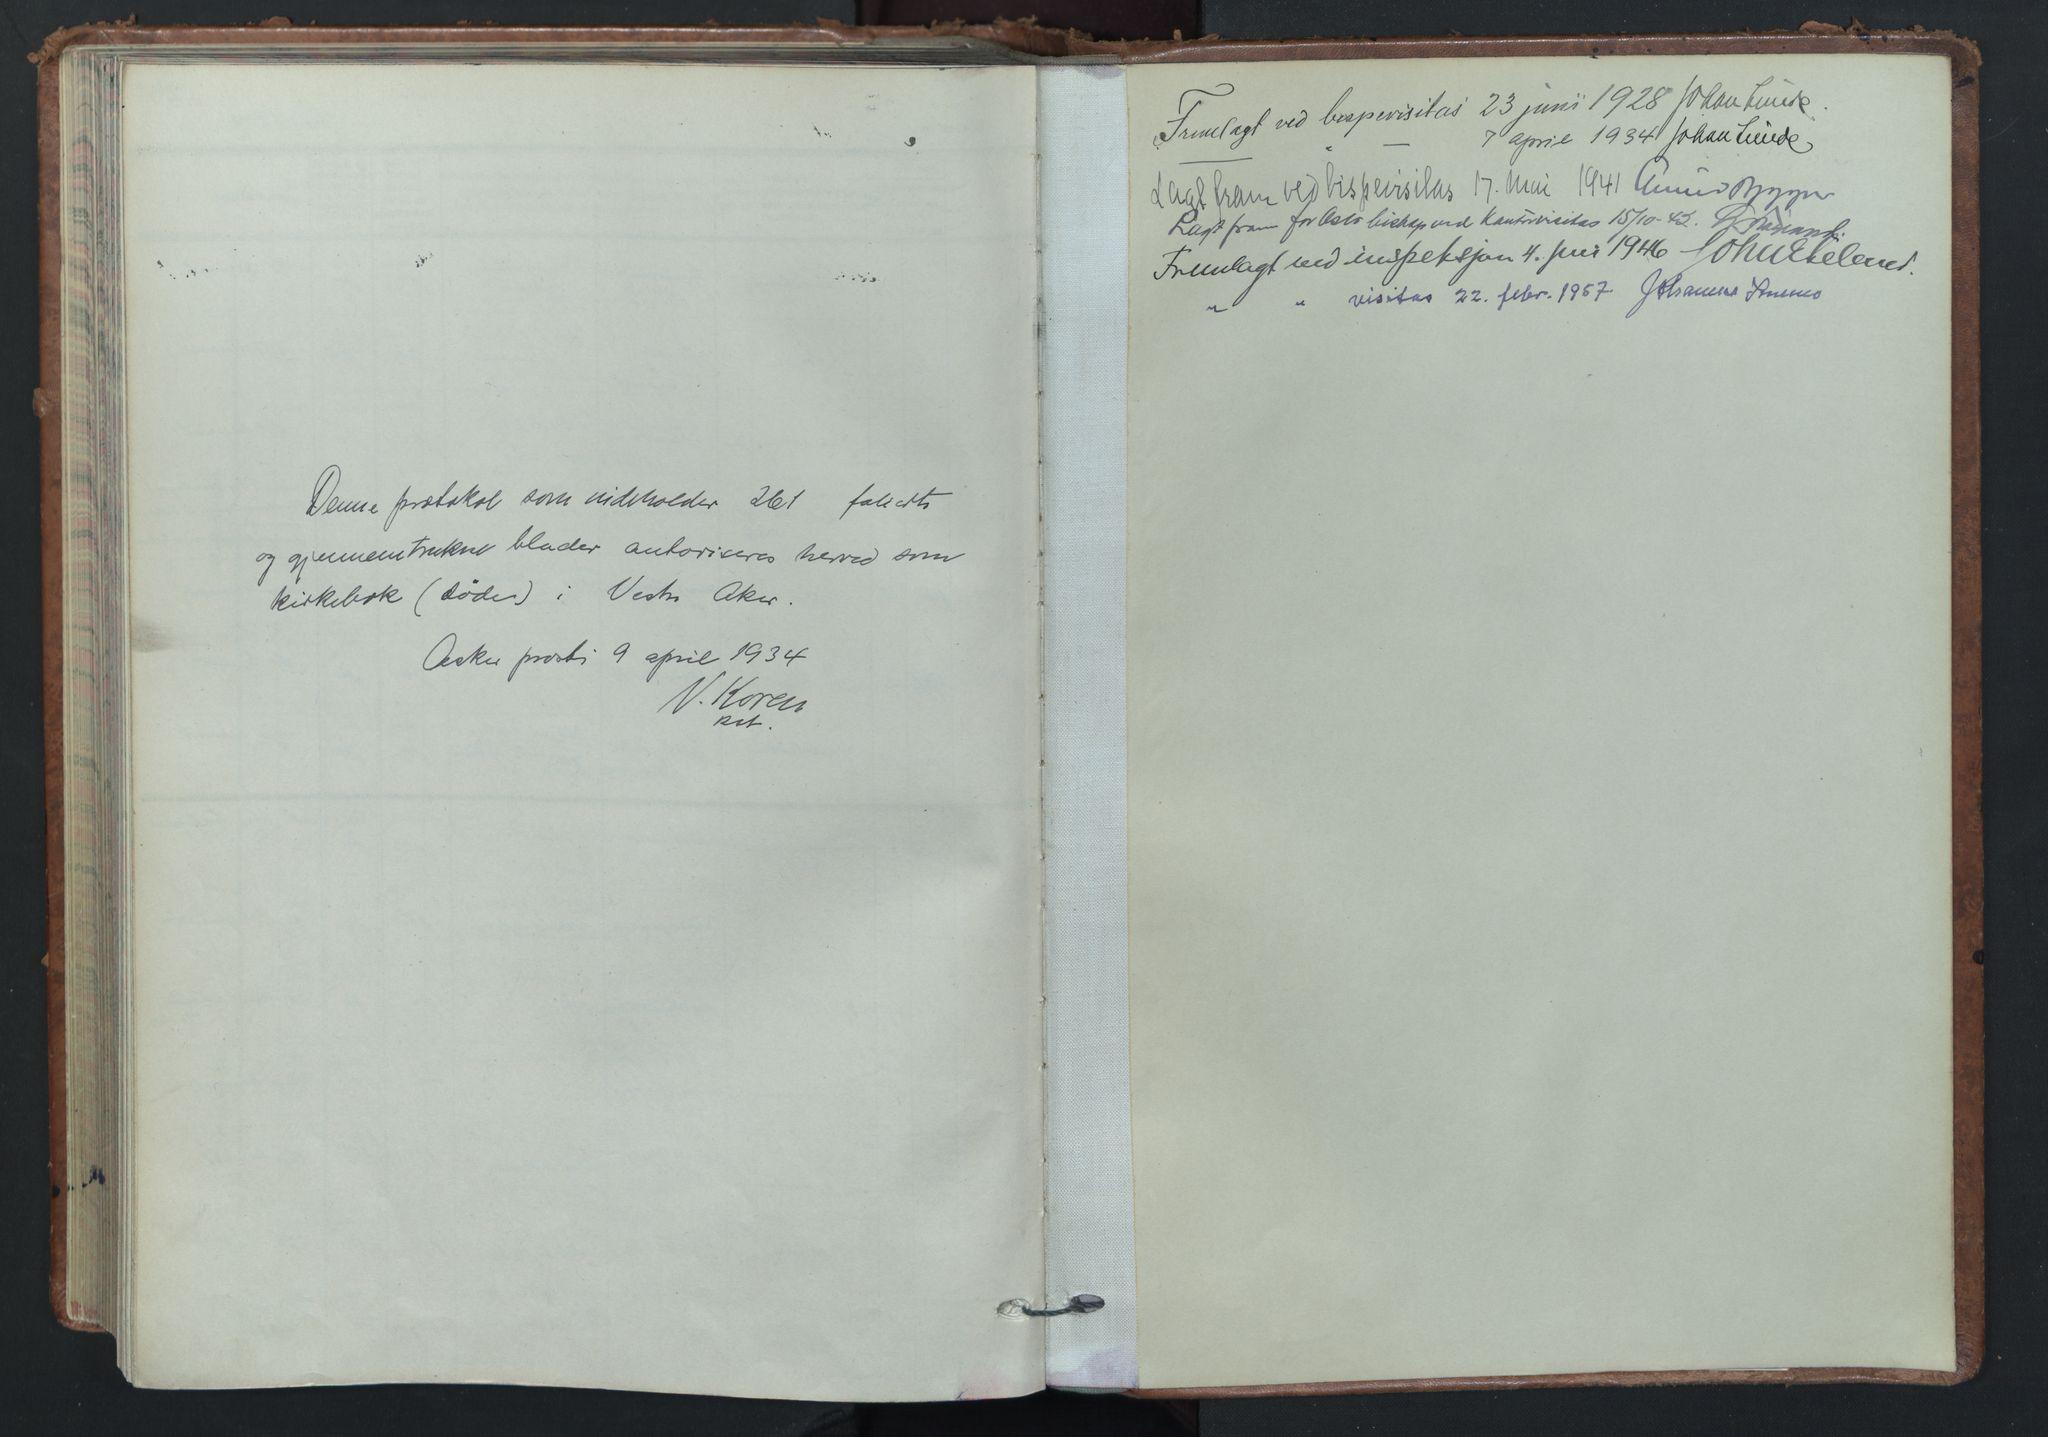 SAO, Vestre Aker prestekontor Kirkebøker, F/Fa/L0019: Ministerialbok nr. 19, 1926-1946